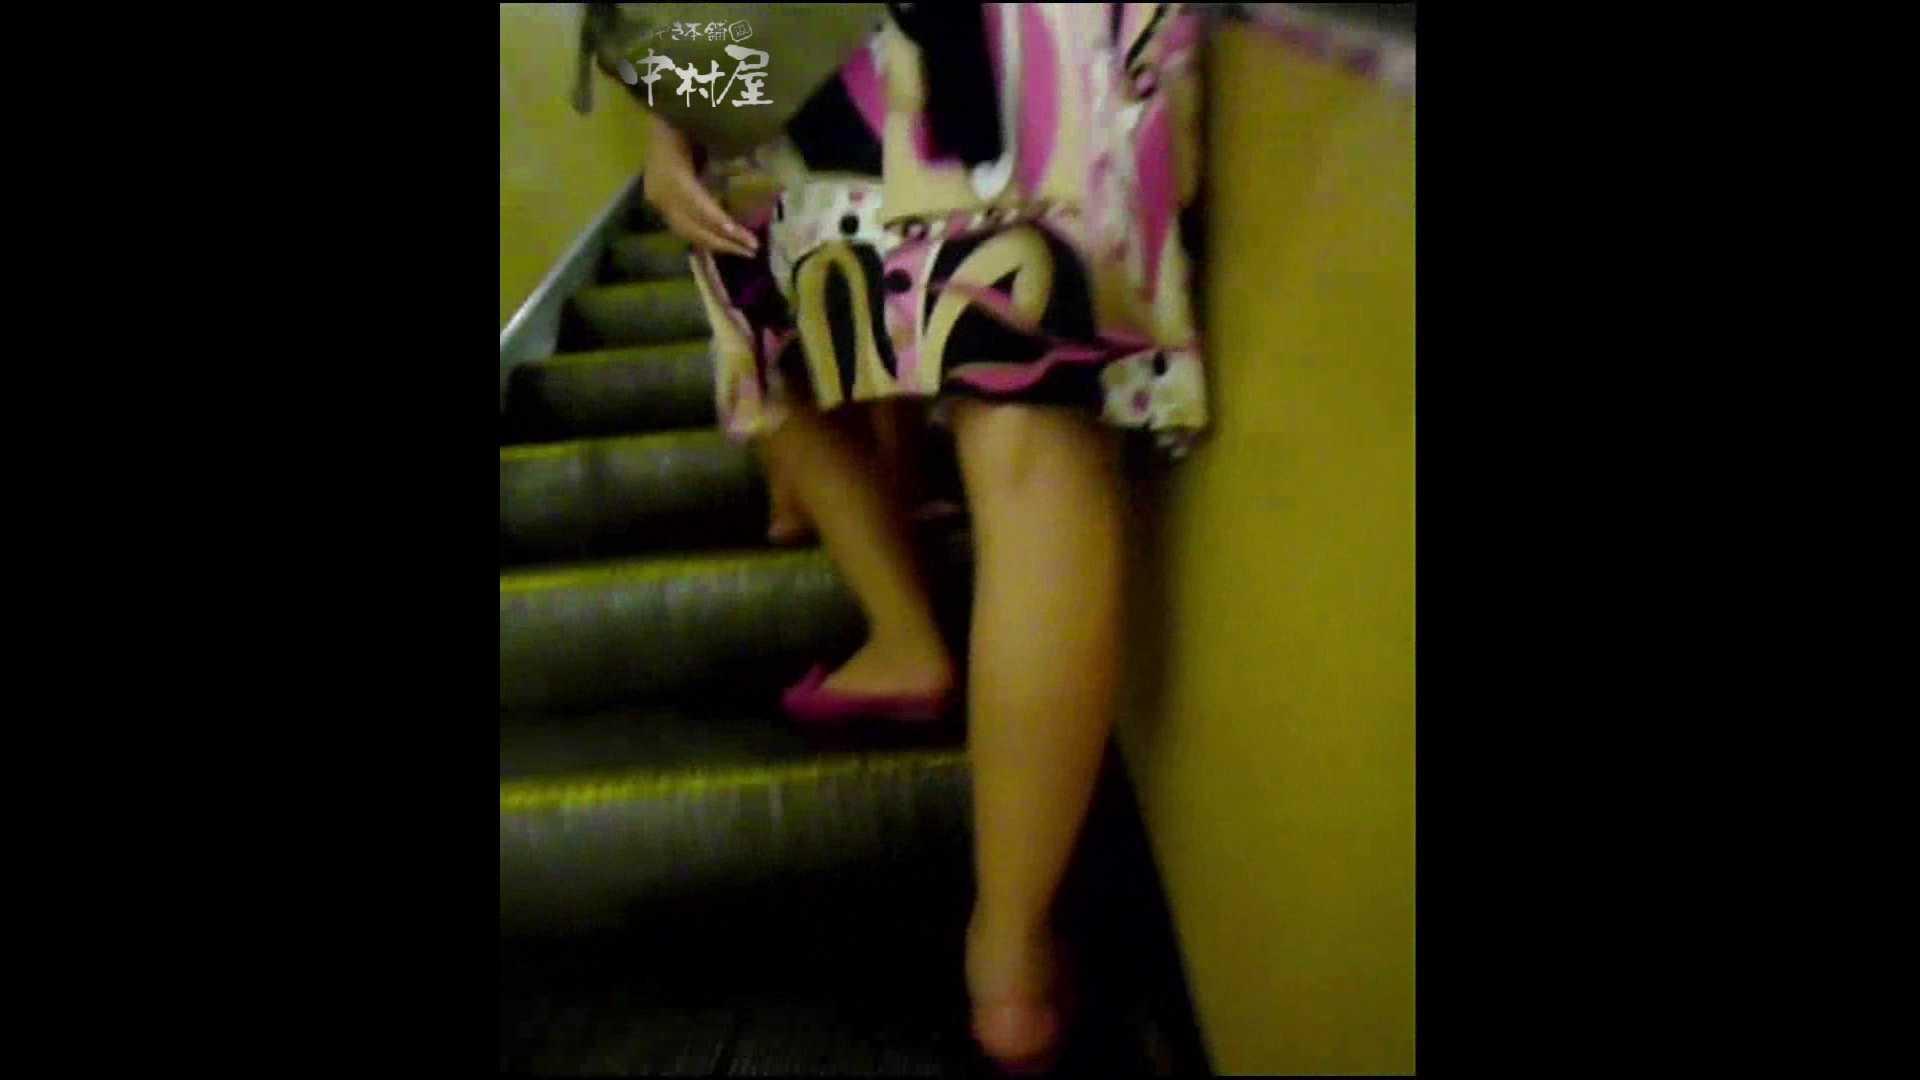 綺麗なモデルさんのスカート捲っちゃおう‼ vol28 お姉さんのエロ動画  111PIX 16